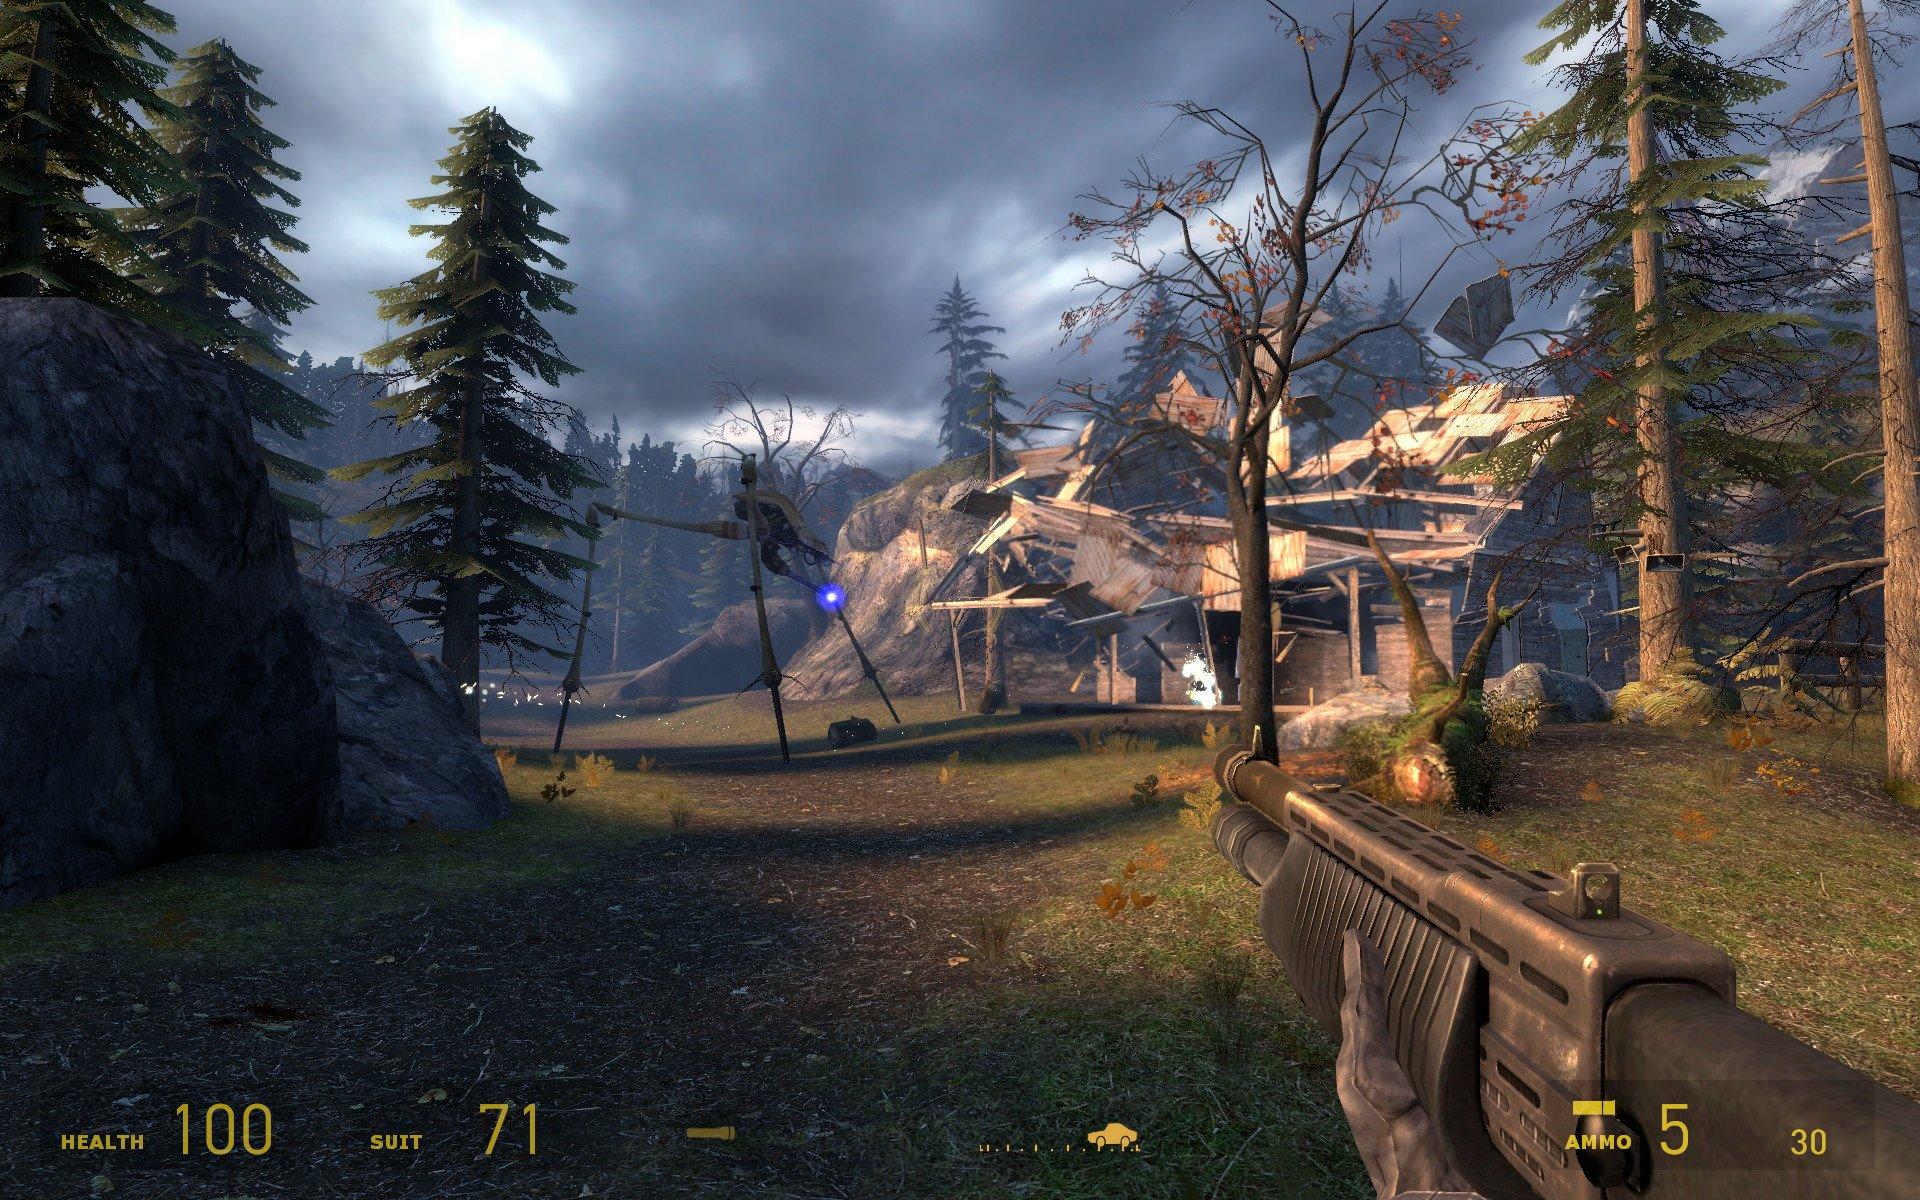 2007 год в компьютерных играх - Изображение 3